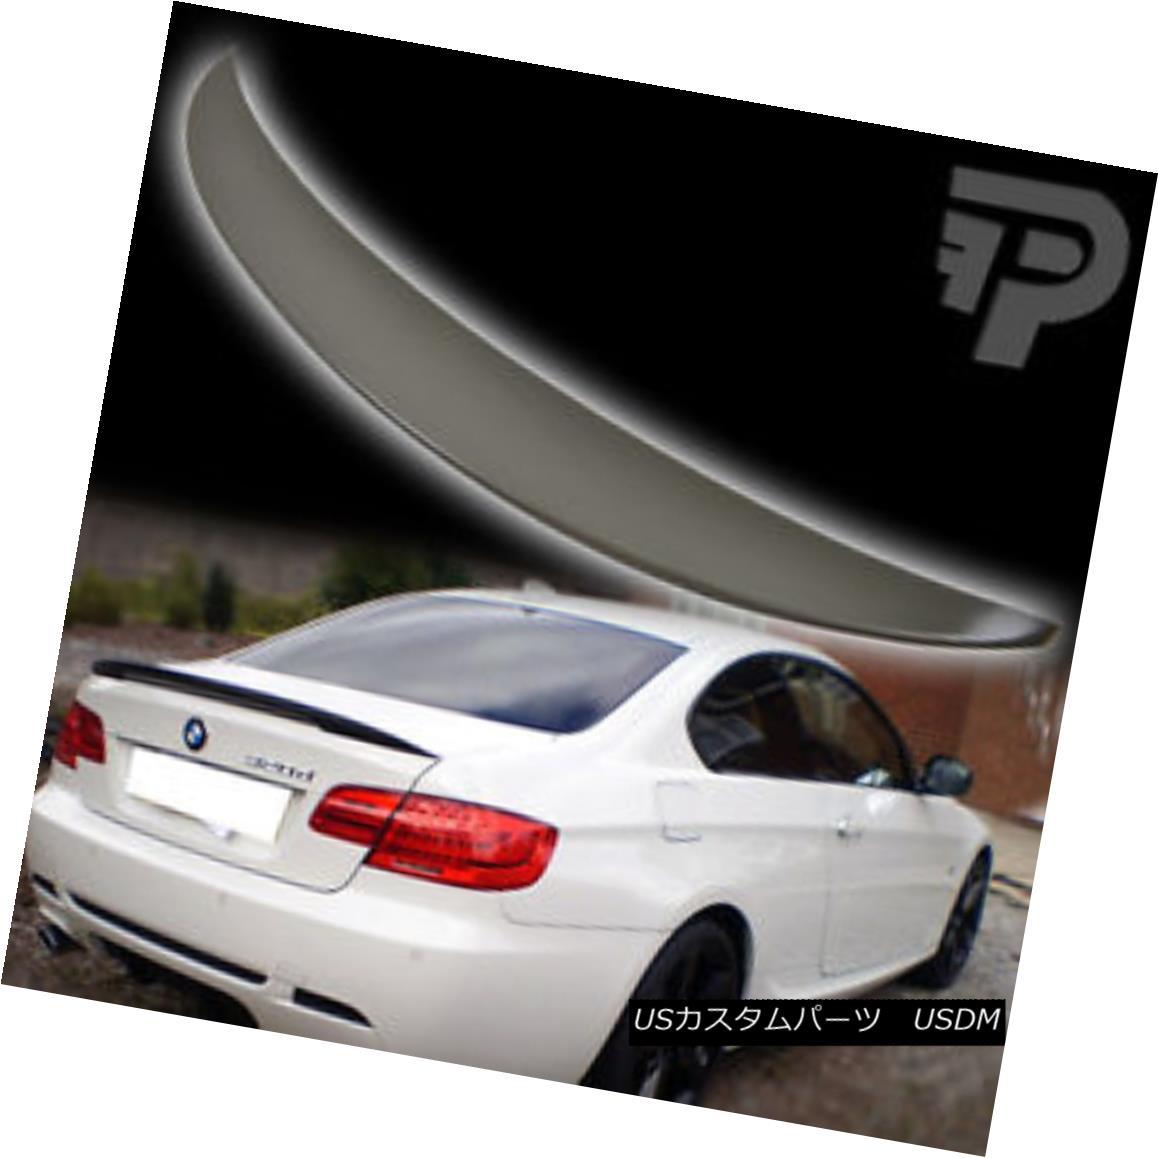 エアロパーツ ABS NEW BMW 3-SERIES E92 2DR PERFORMANCE TYPE BOOT REAR TRUNK SPOILER 2011 ▼ ABS新型BMW 3シリーズE92 2DRパフォーマンスタイプ・ブーツリア・トランク・スポイラー2011?